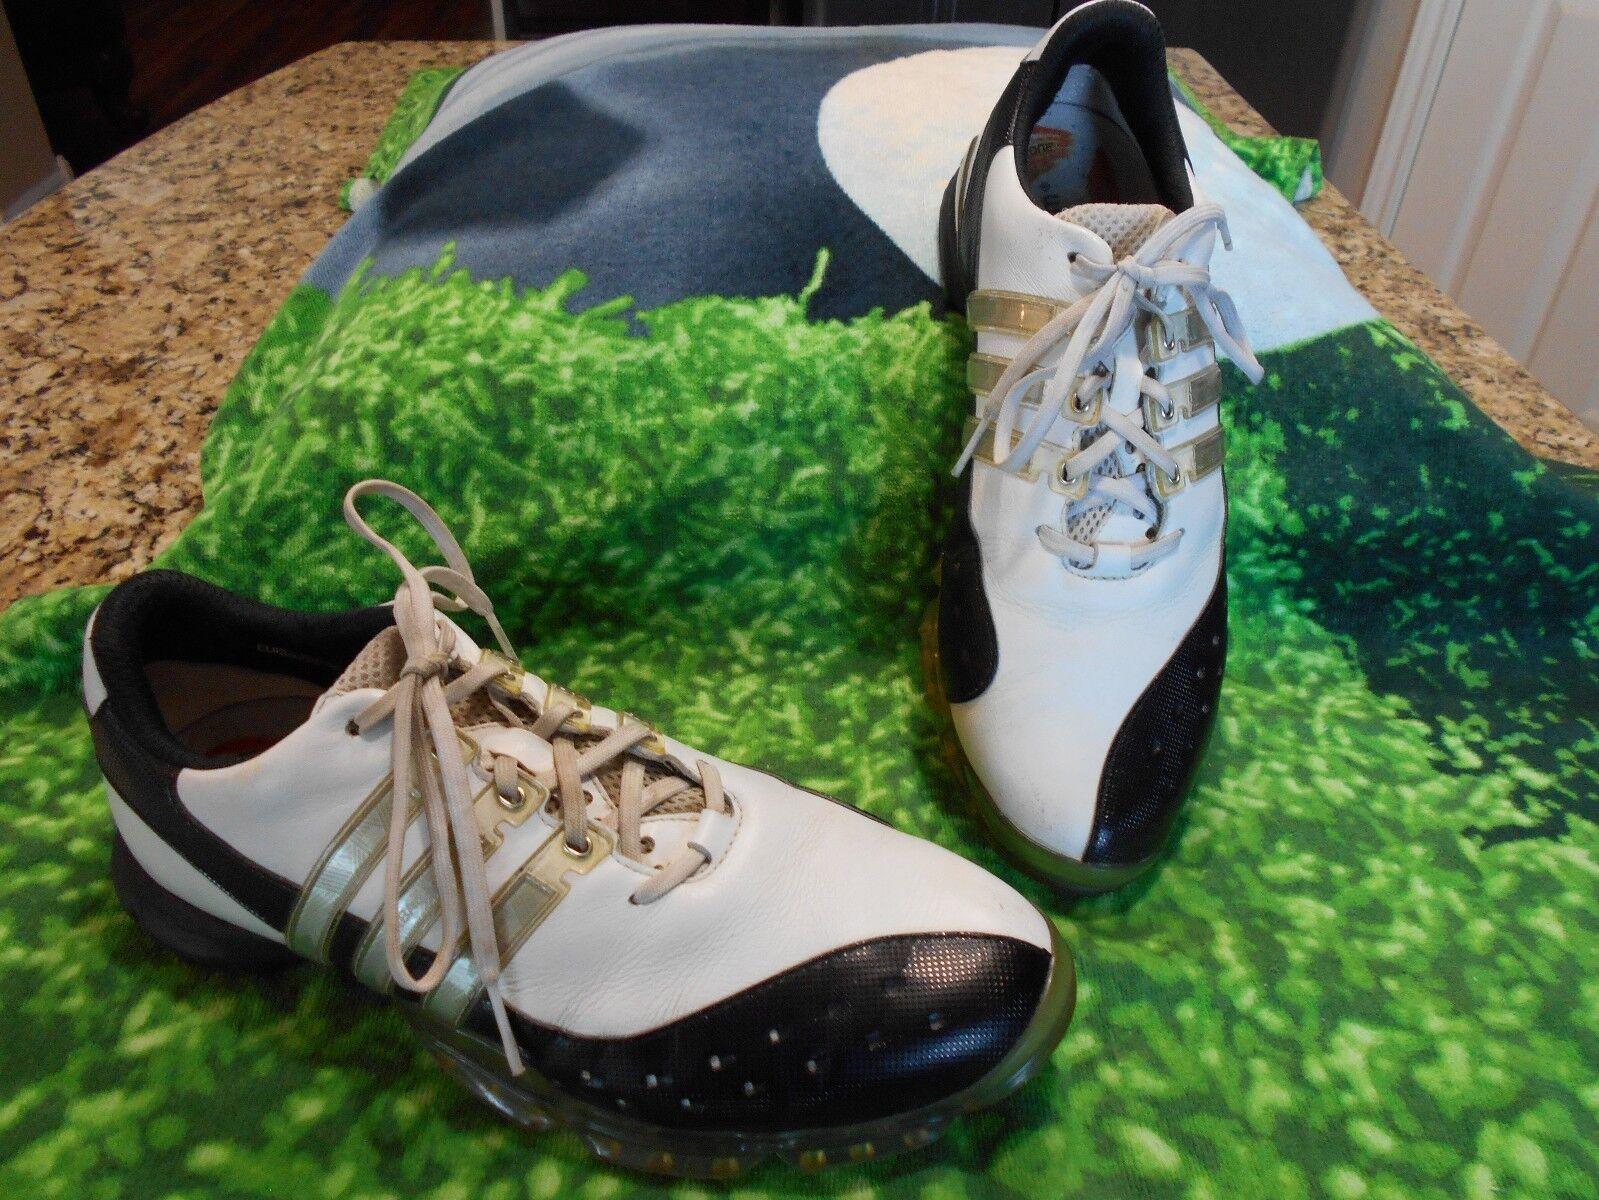 Hombre zapatos de de golf Adidas banda de zapatos potencia chasis blanco & negro comodo Wild Casual Shoes 715ace